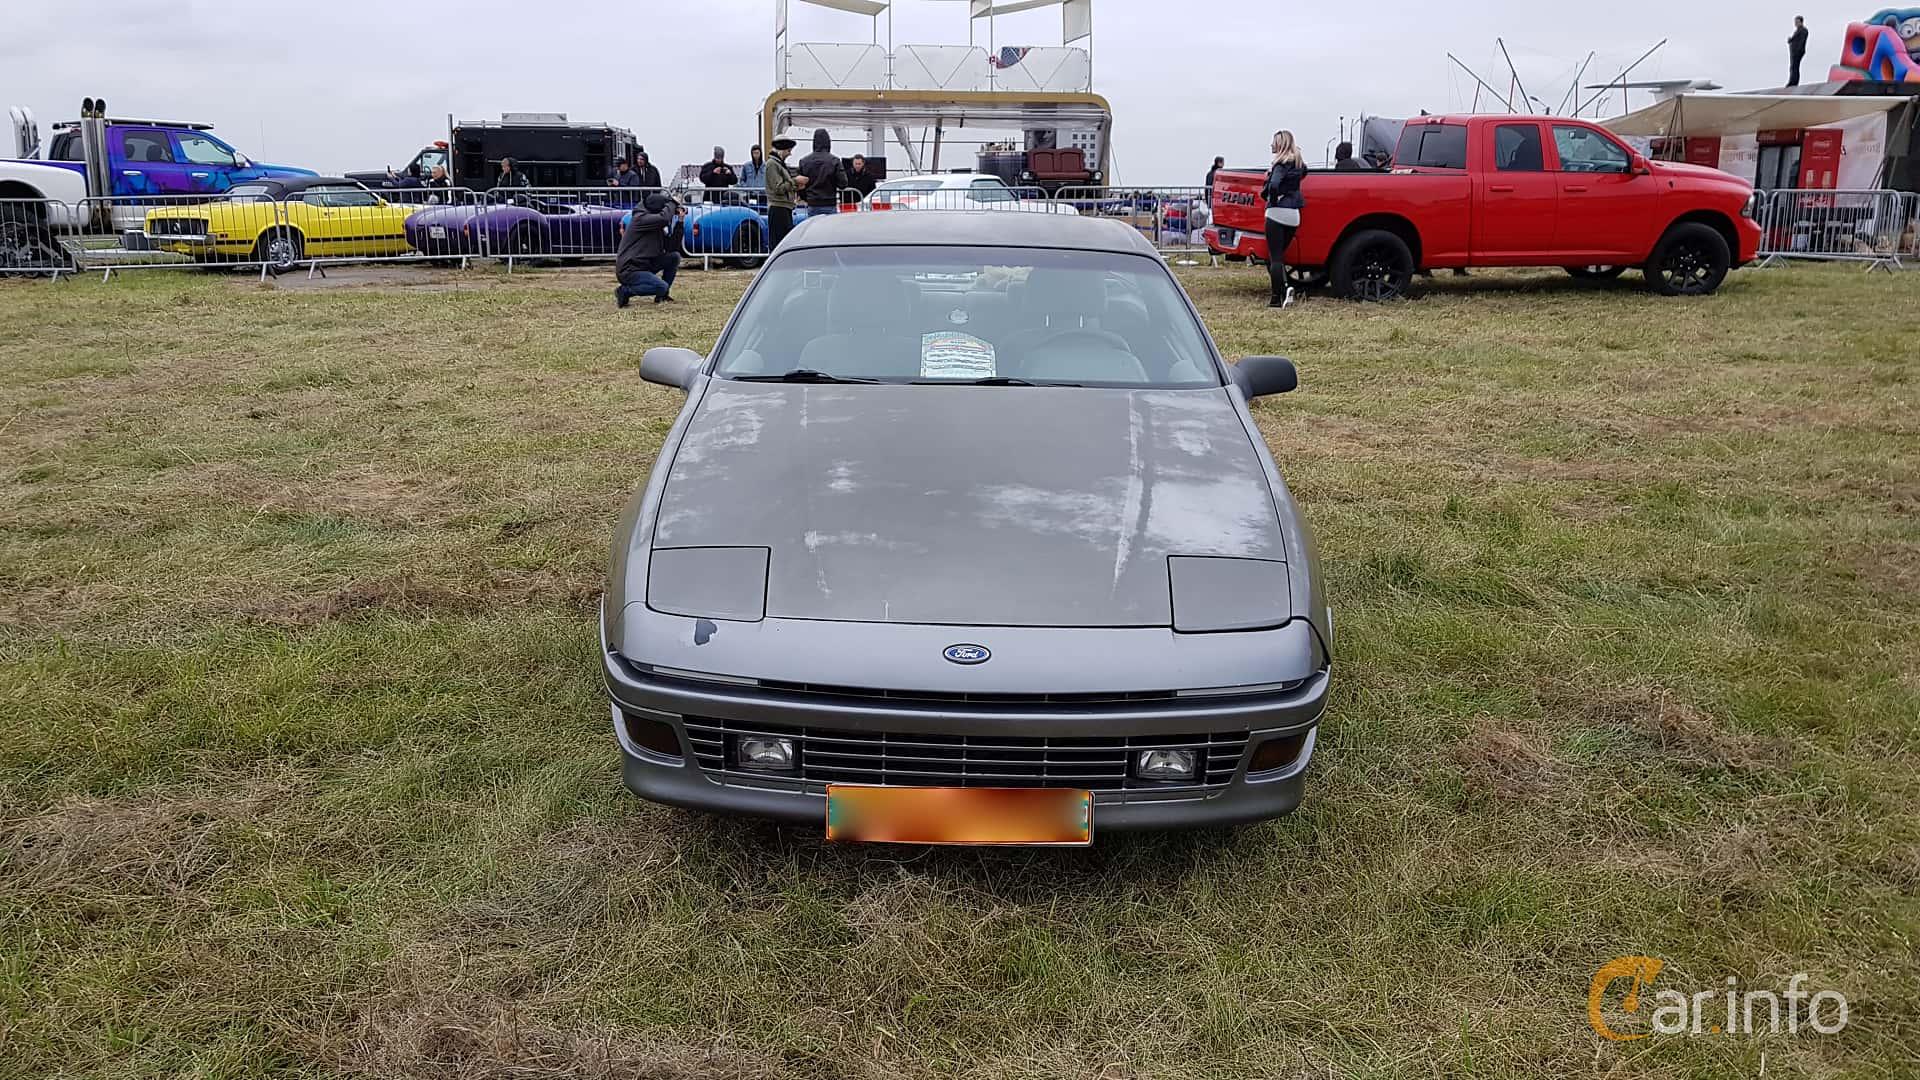 Ford Probe 3.0 V6 Manual, 141hp, 1992 at Old Car Land no.2 2017